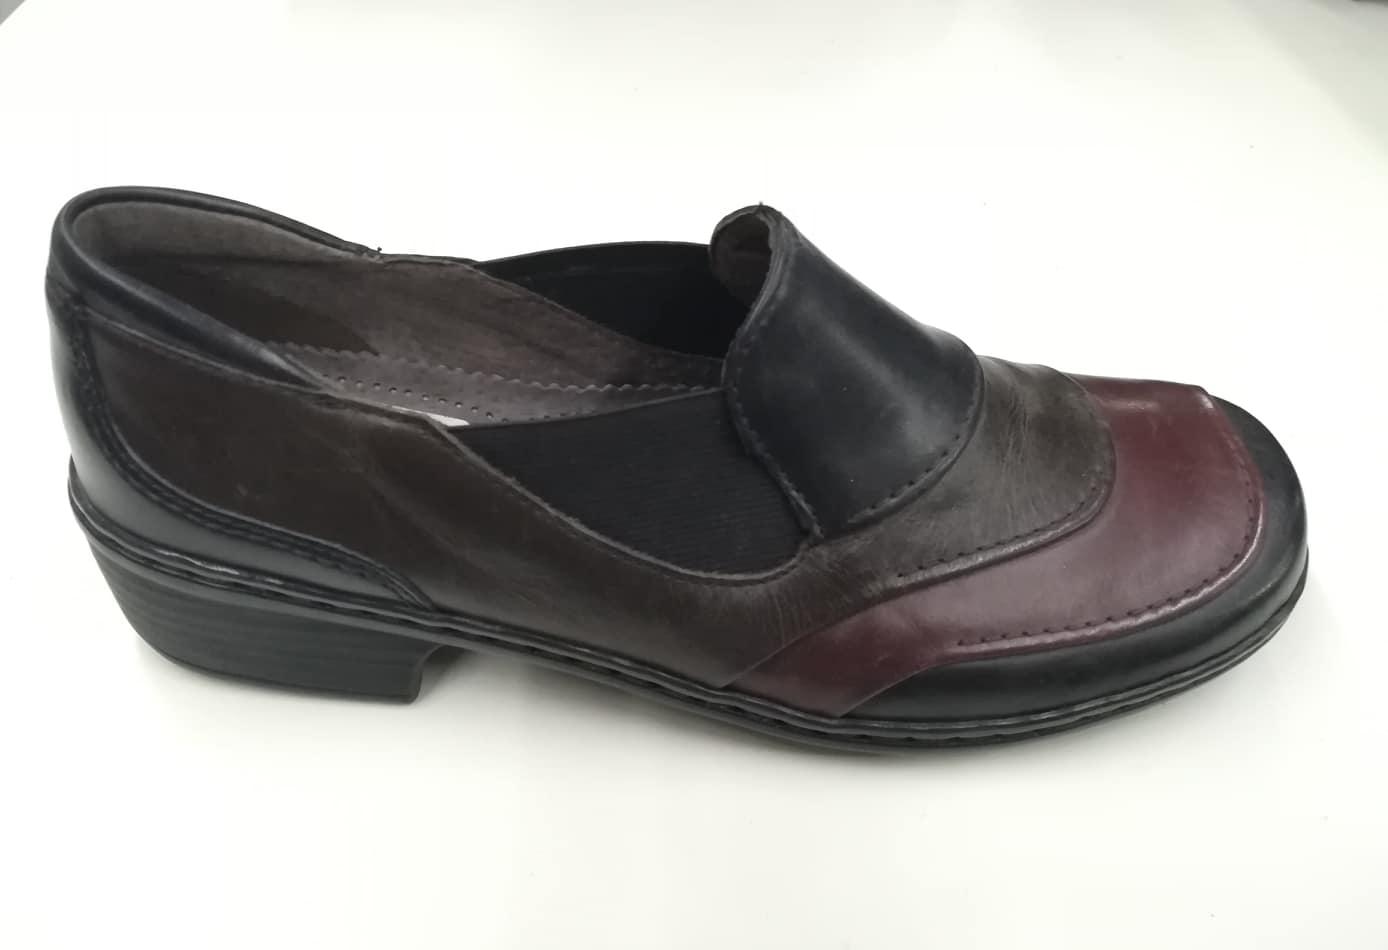 ca3e92a80 Dámske kožené topánky 6778 z, 37 / 38 / 39 / 40 / 41 - 57,60 € od  predávajúcej susana09 | Detský bazár | ModryKonik.sk